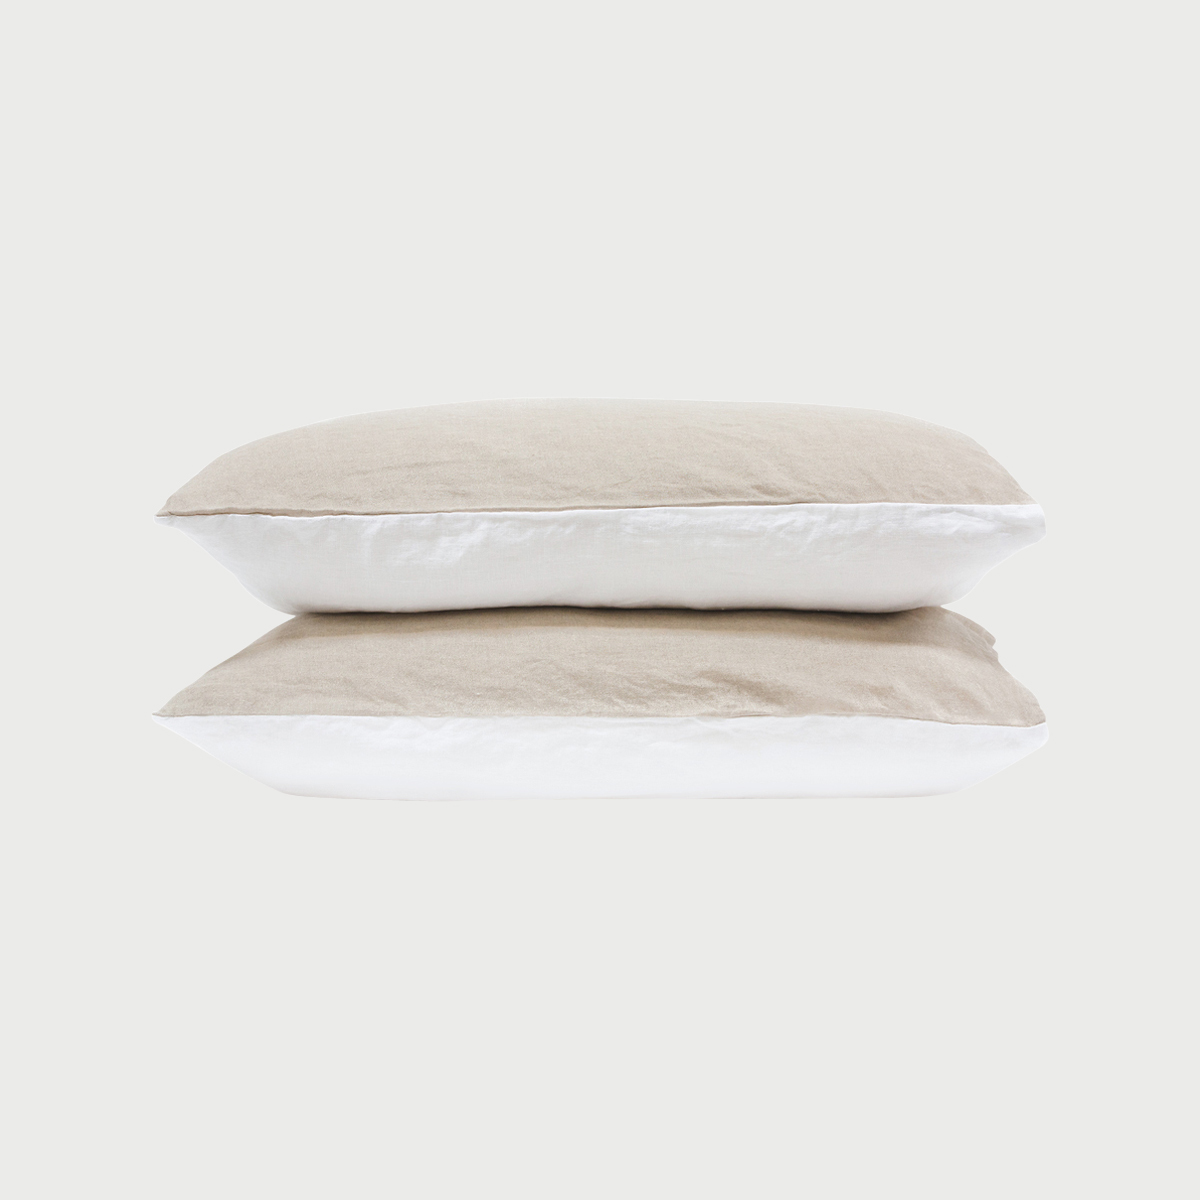 Mrw linen wht nat pillows 1024x1024